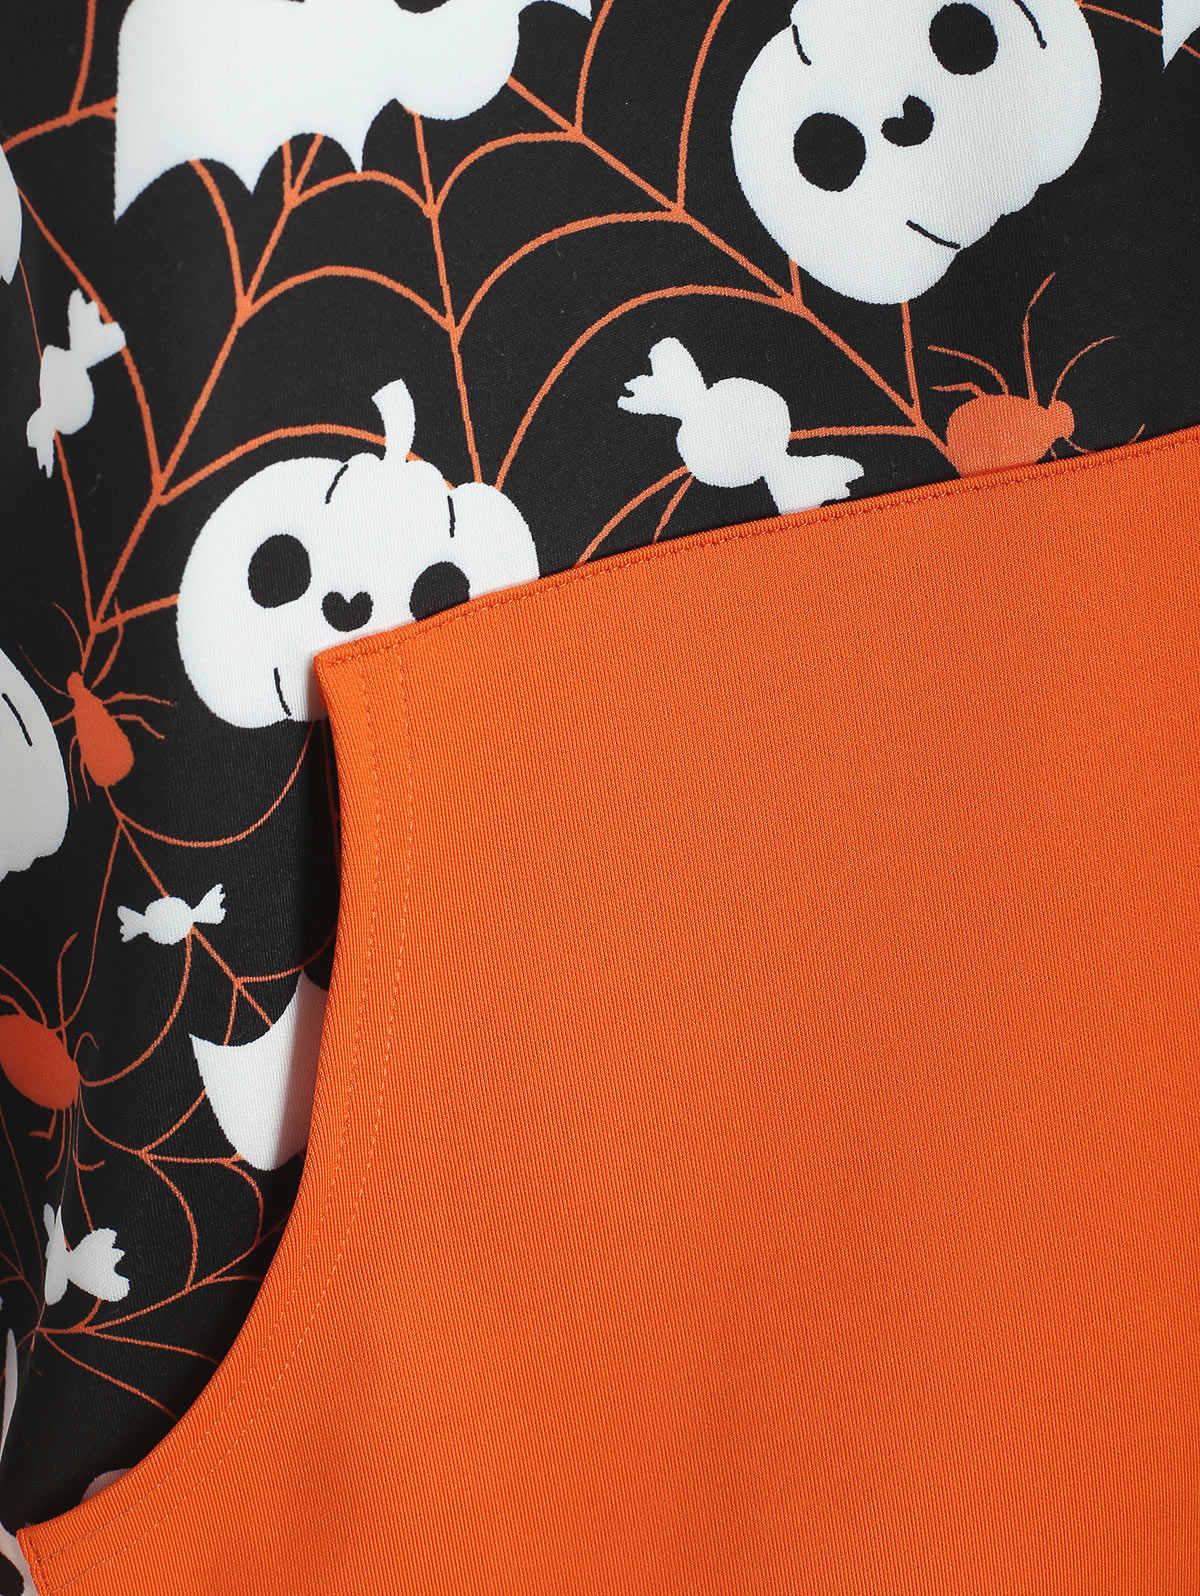 Wisalo осень плюс размер Хэллоуин Паук Паутина Тыква Печать Толстовка Повседневная женская с капюшоном кенгуру карман пуловер, худи, свитер